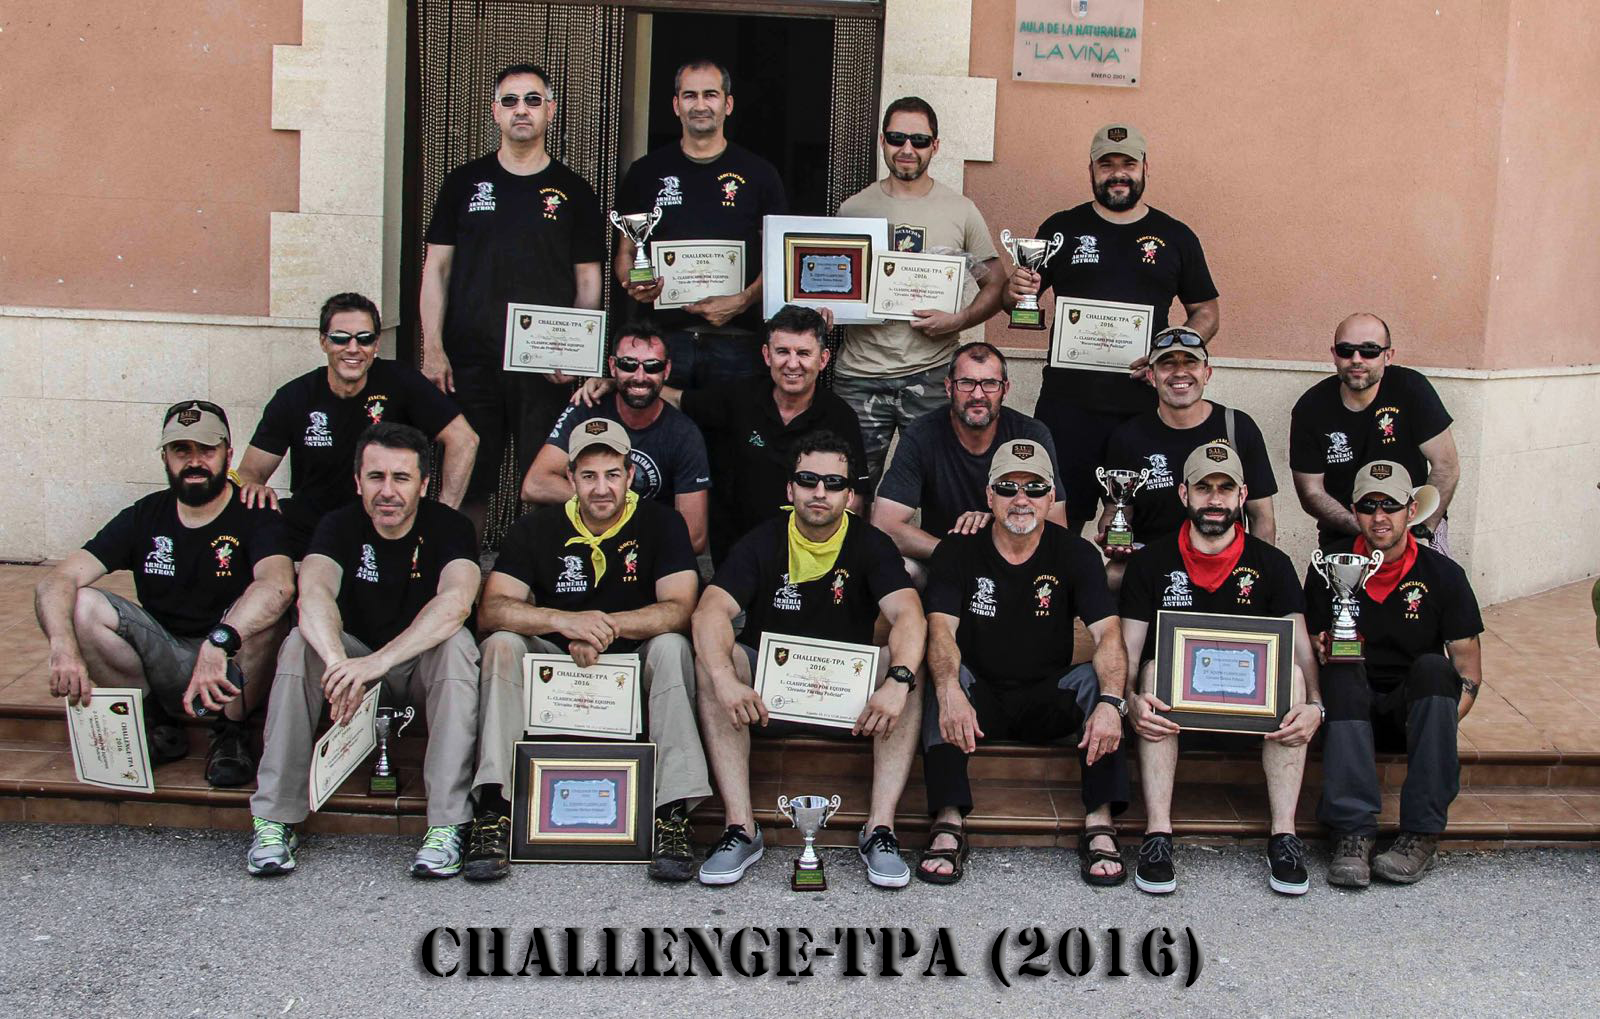 CHALLENGE-TPA (2016)